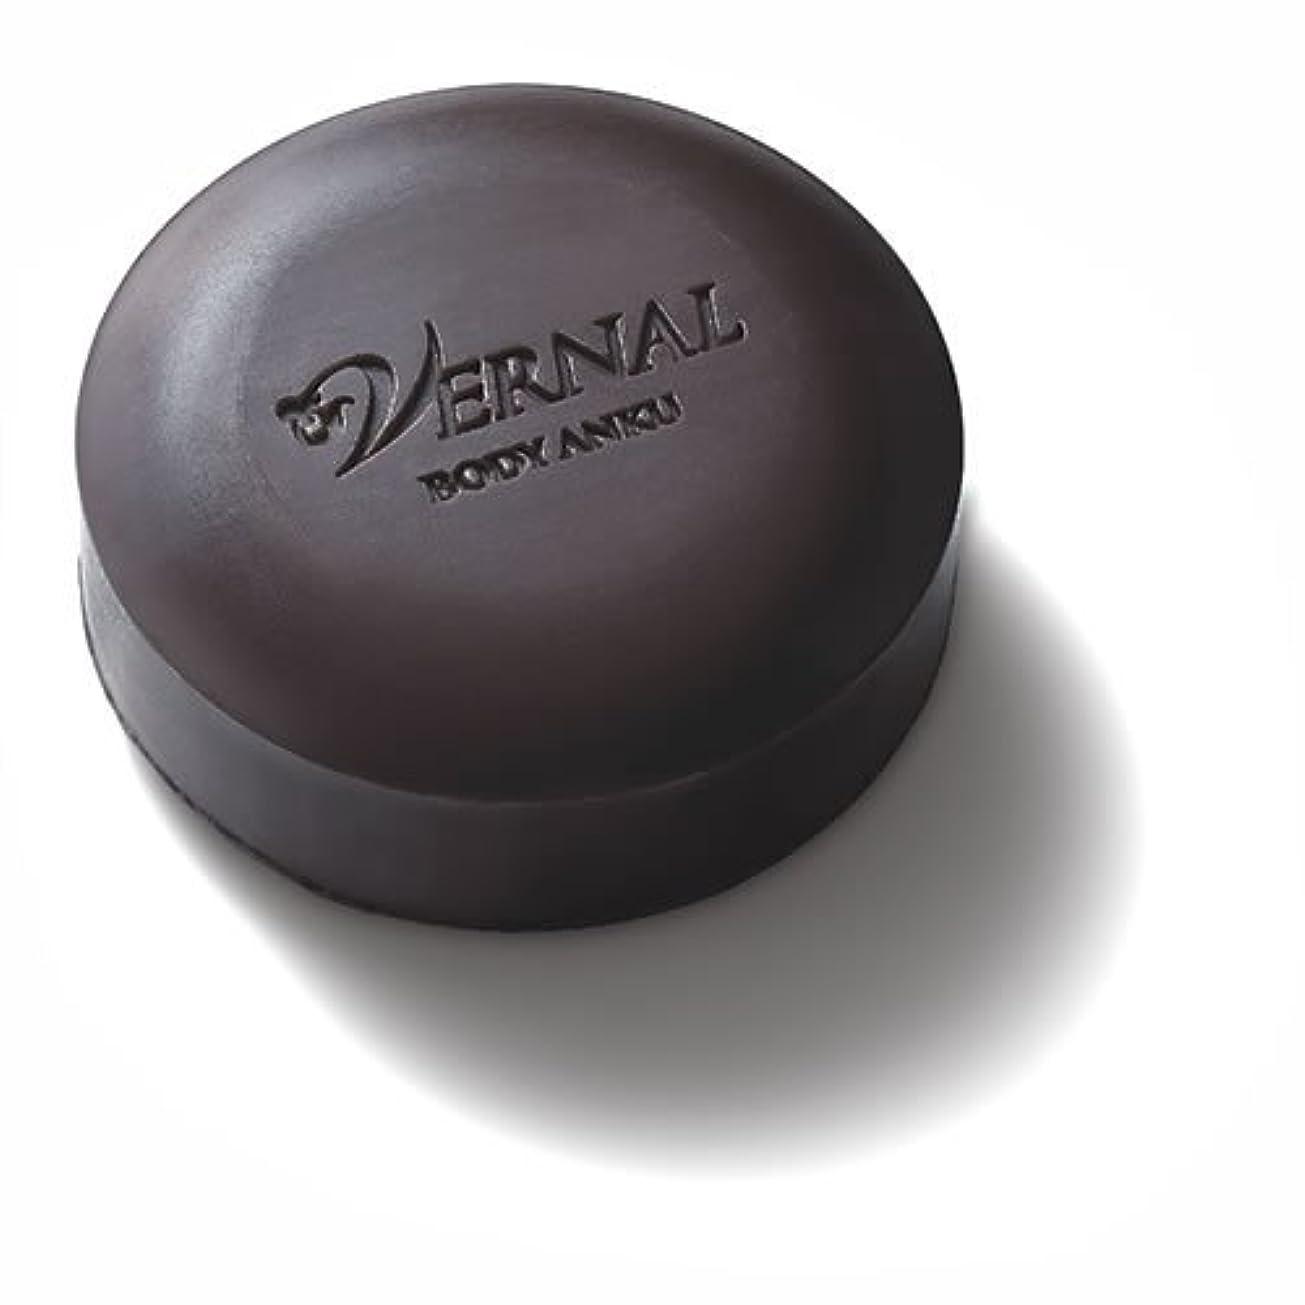 形成びっくりする研磨剤ボディアンク/ヴァーナル ボディ用 石鹸 デオドラント